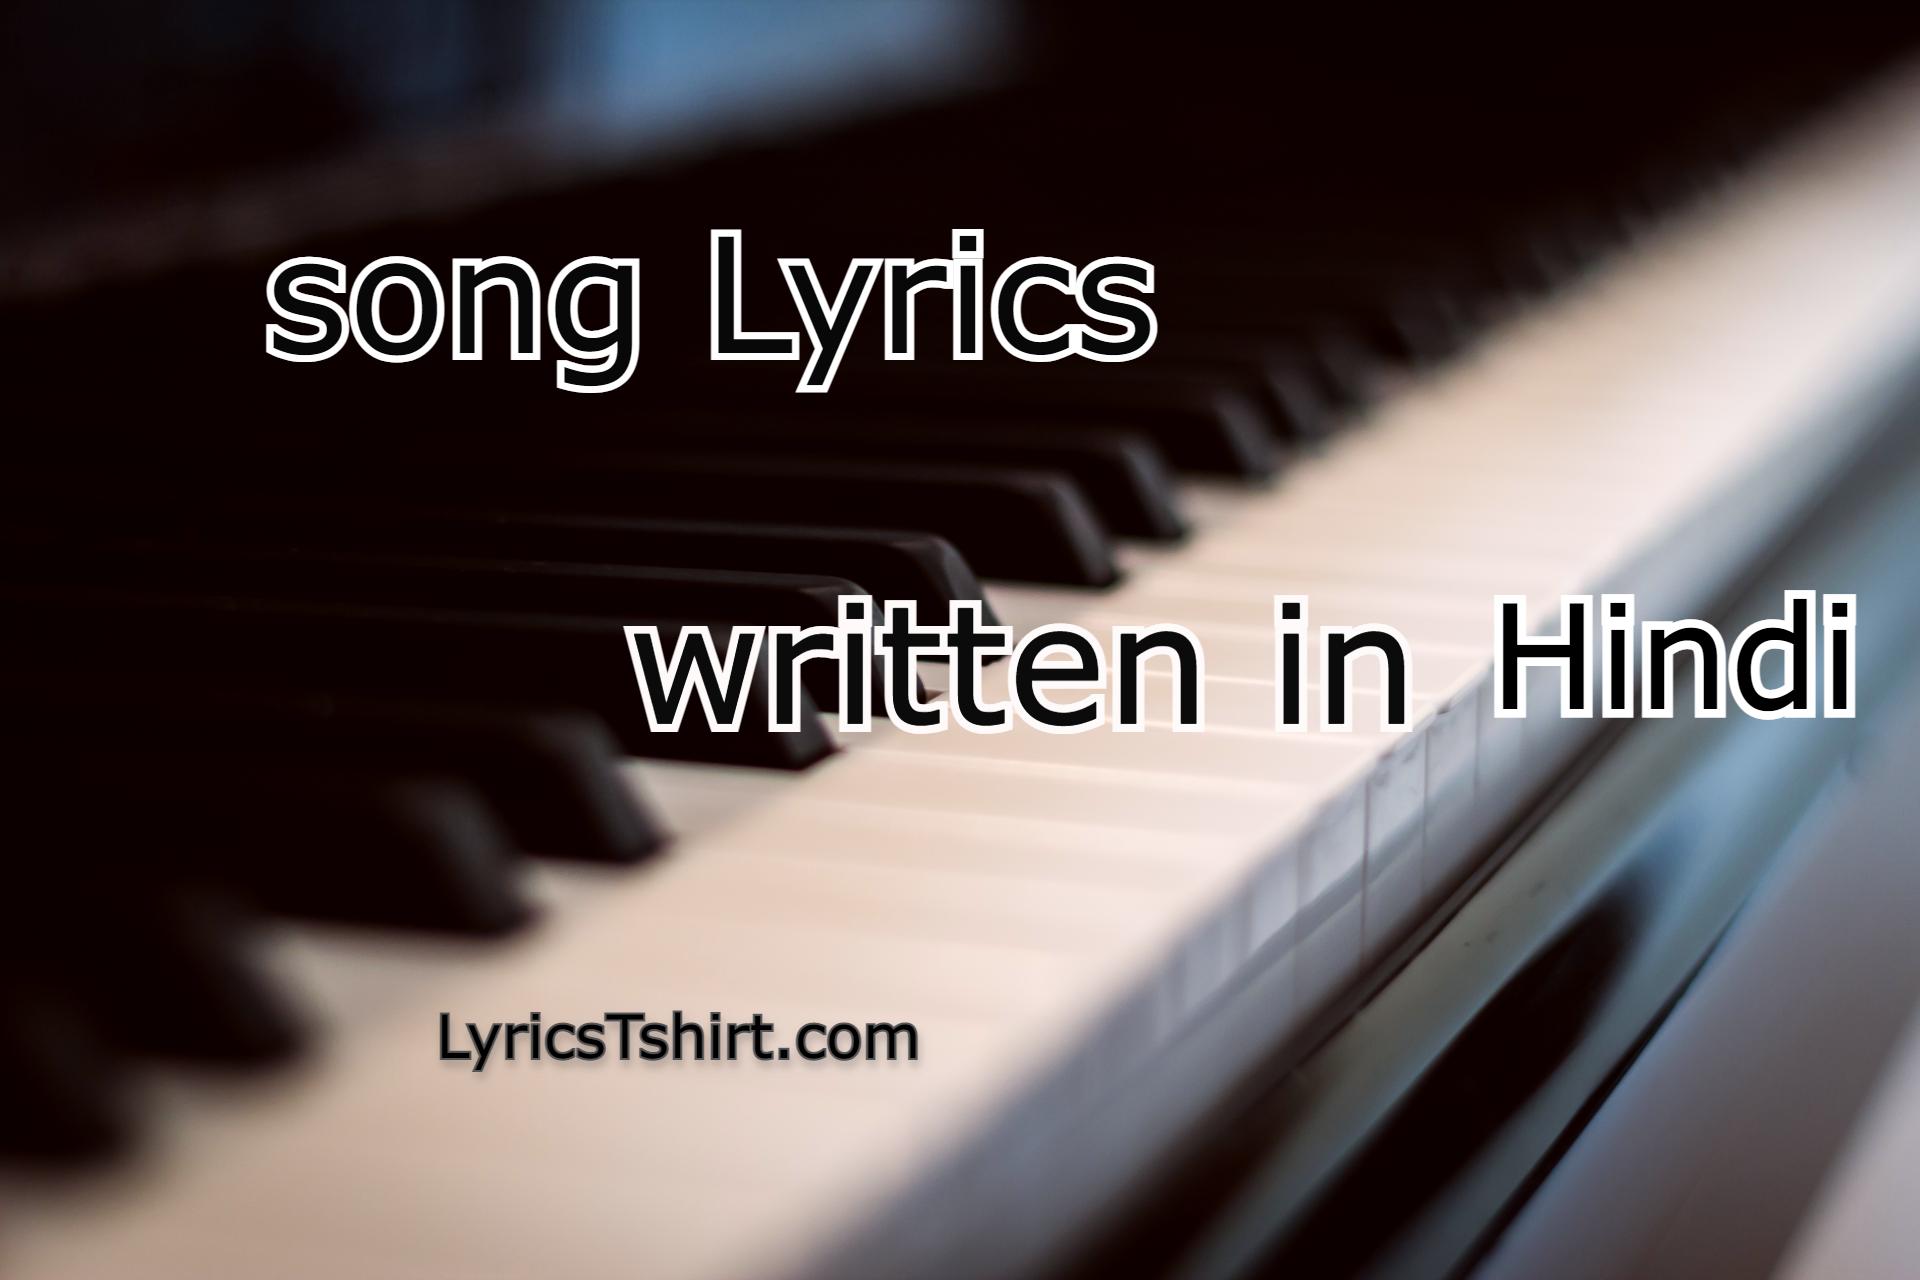 Song Lyrics Written in Hindi